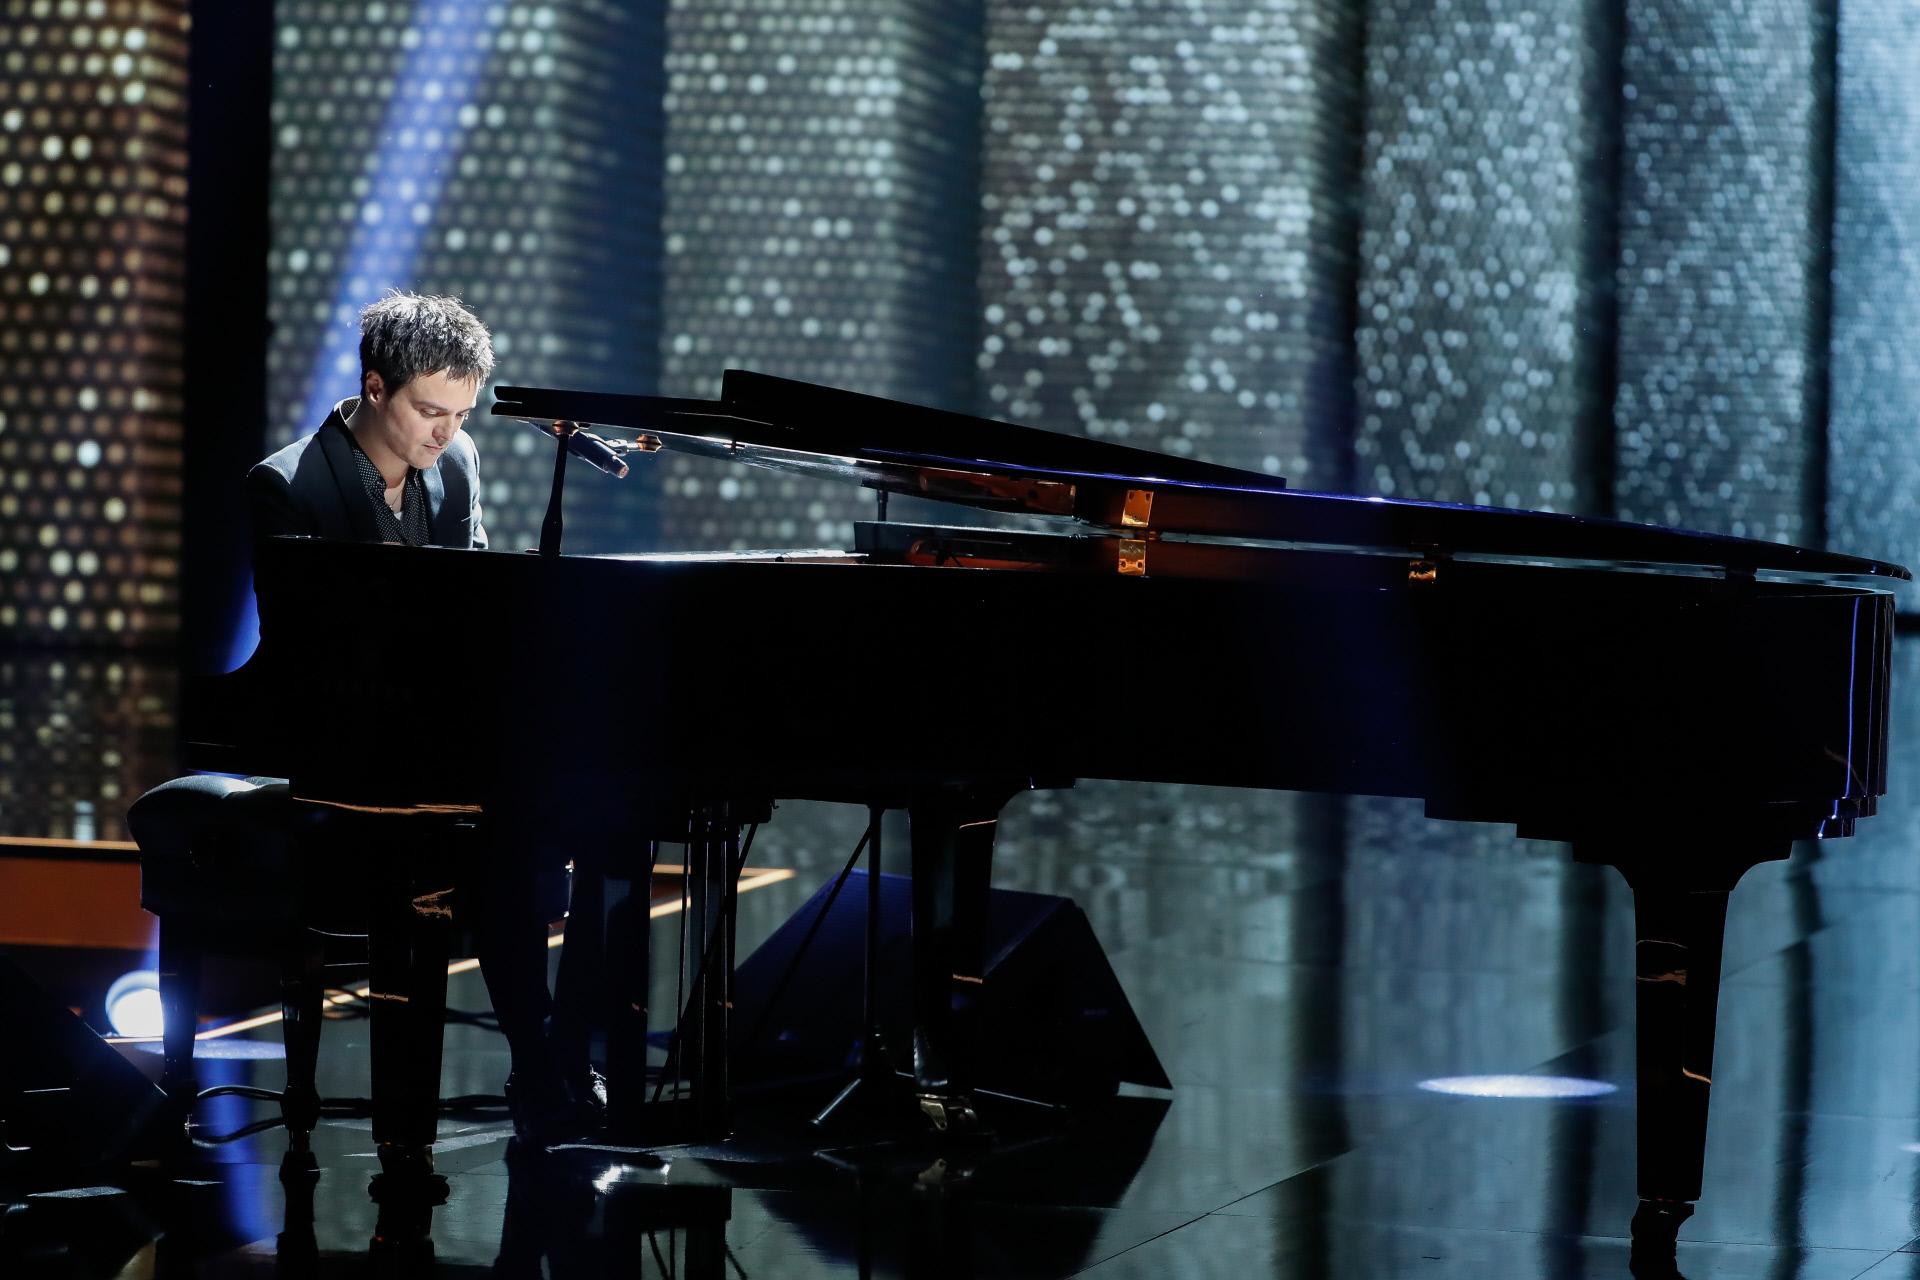 Jamie Cullum al piano durante la gala de los Premios Goya 2020.